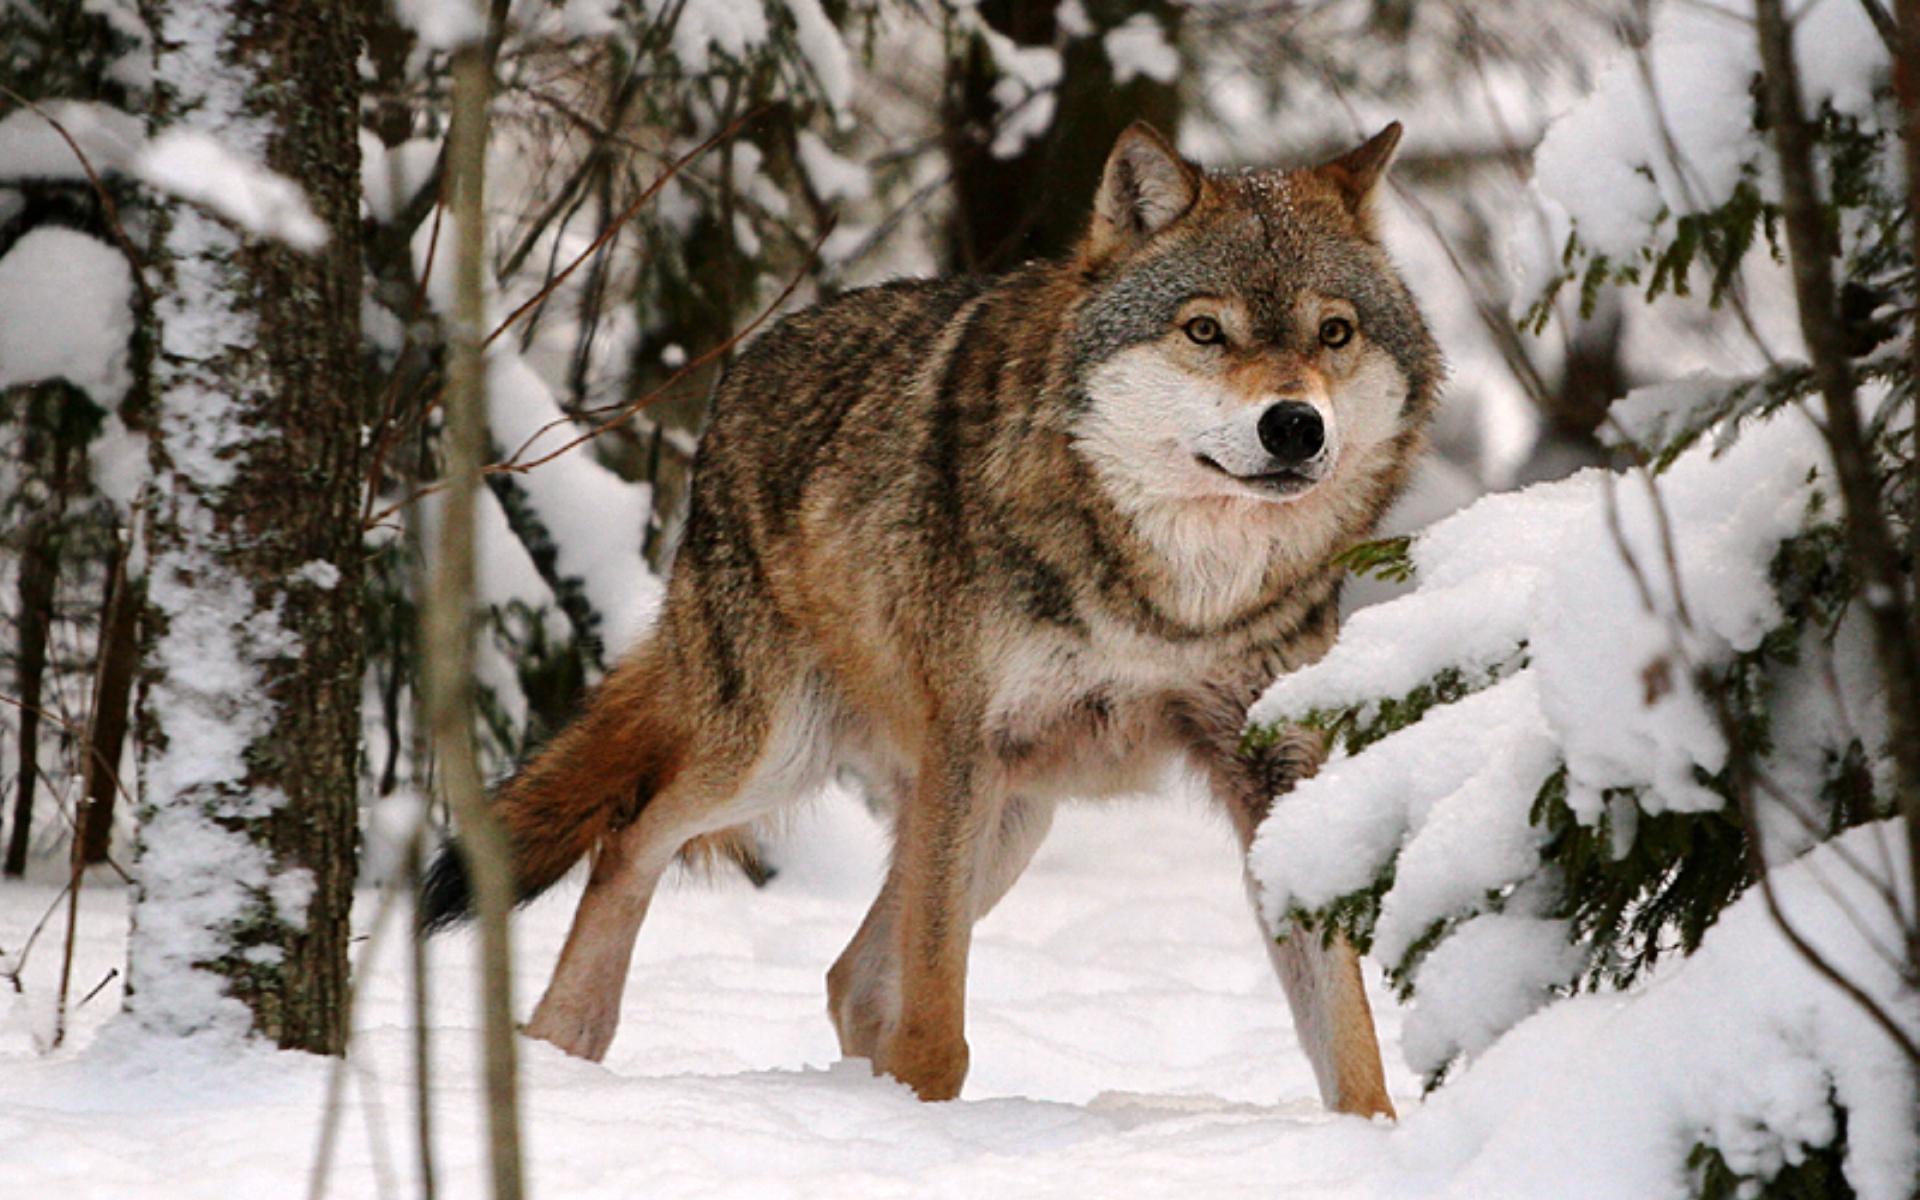 Картинка Волк в зимнем лесу » Волки » Животные » Картинки ...